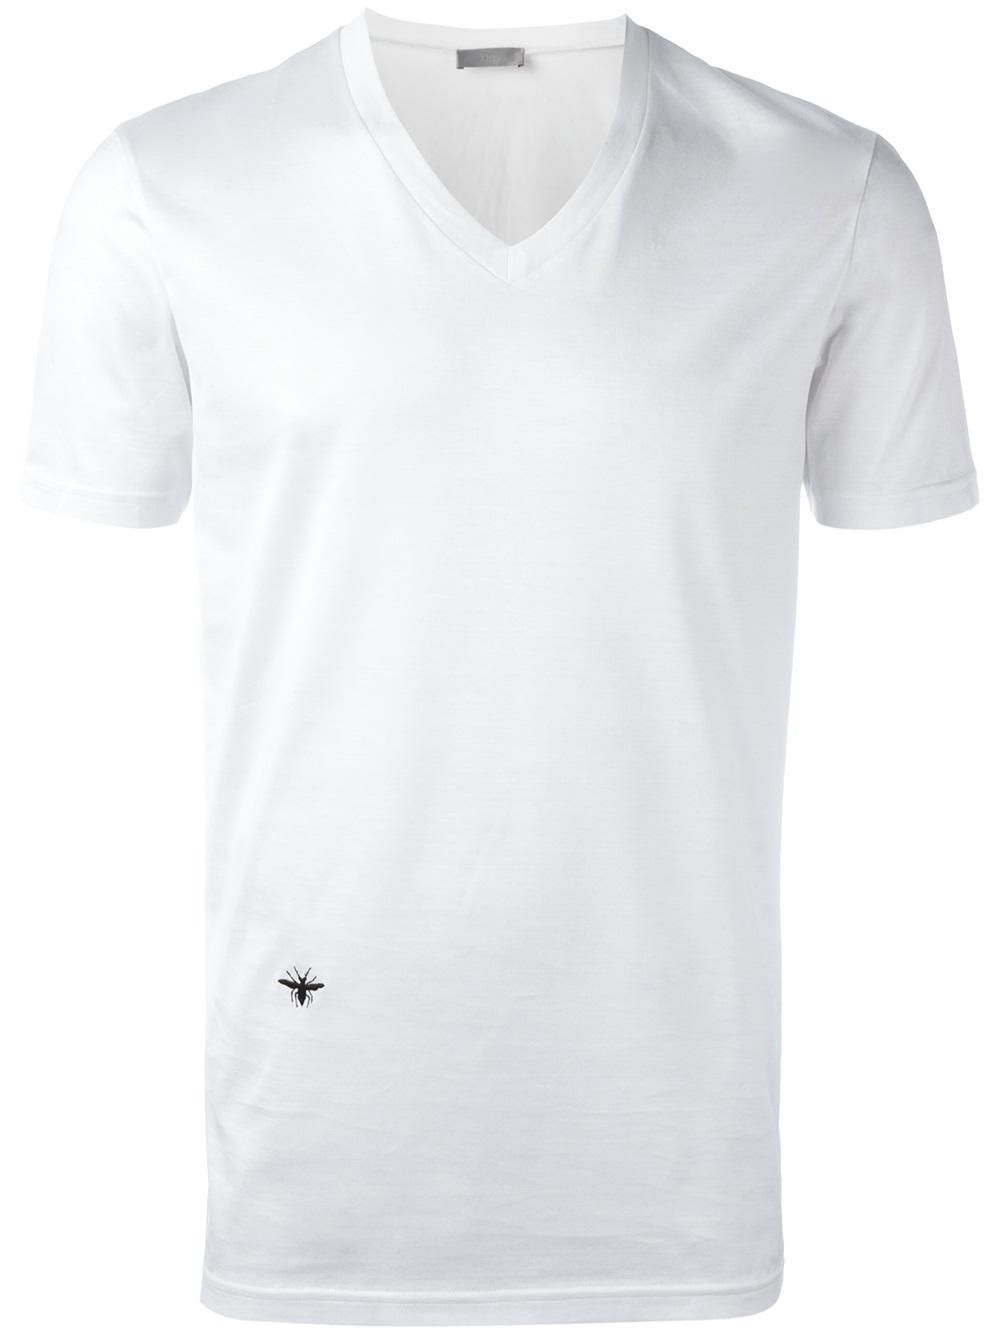 Dior homme v neck t shirt in white for men lyst for V neck white t shirts for men